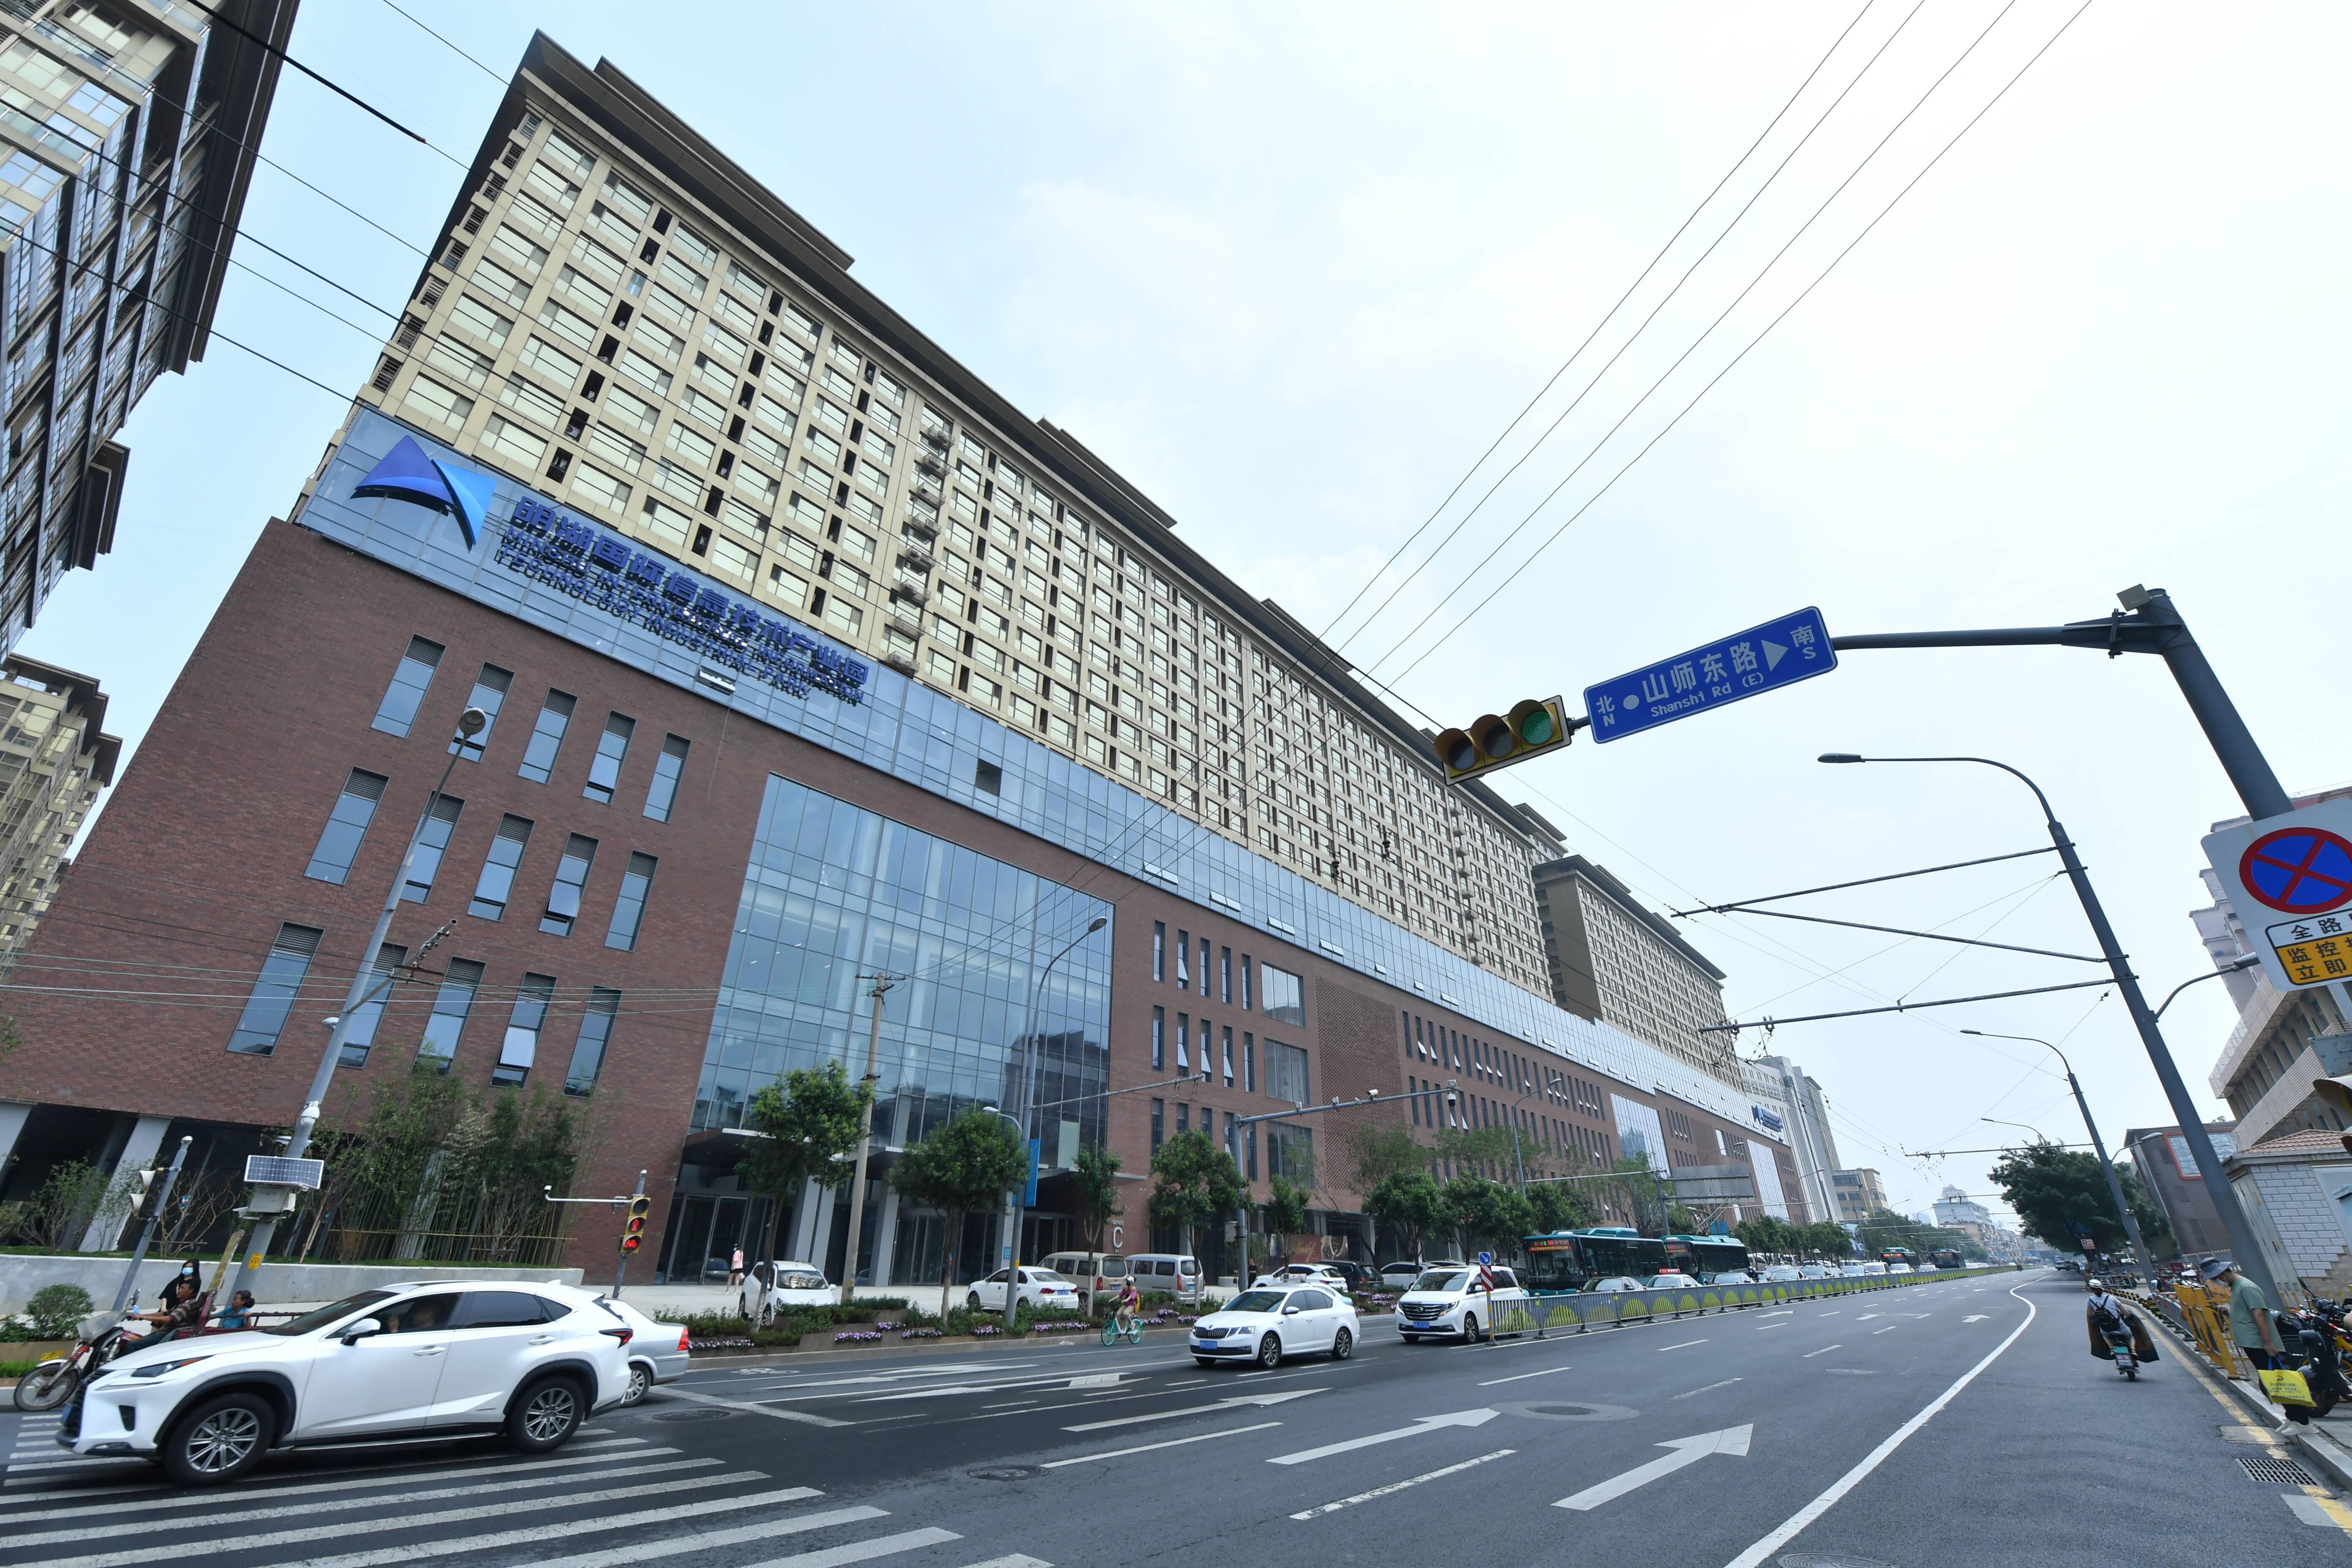 组图|产业园+时尚餐饮,济南诚基中心沿街楼改造项目初见模样